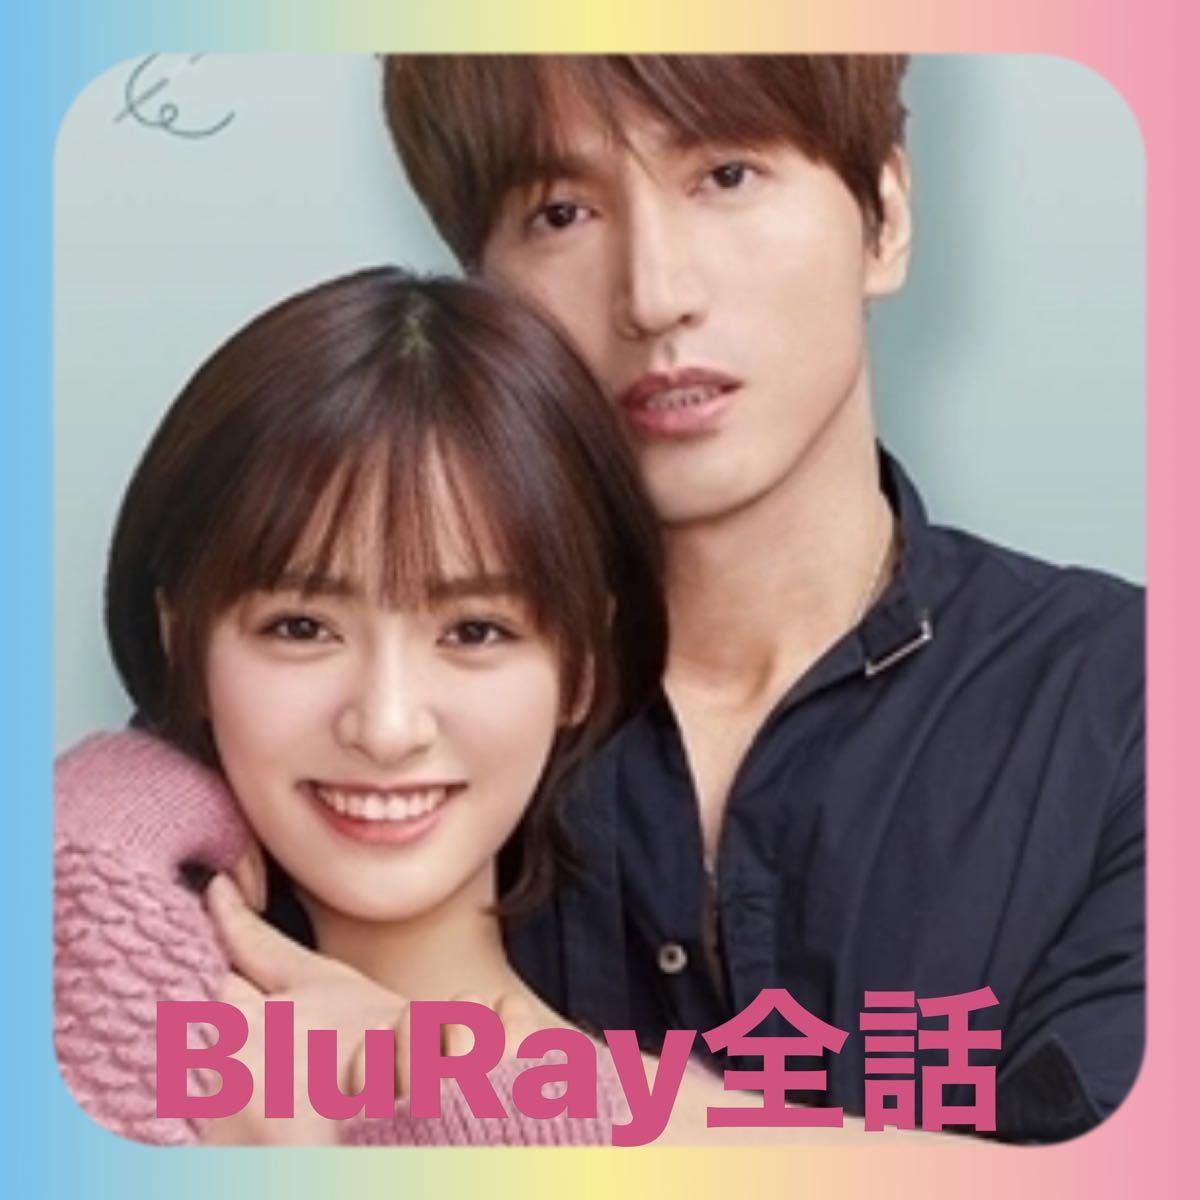 中国ドラマ 運命のキスをお願い Blu-ray全話ふ